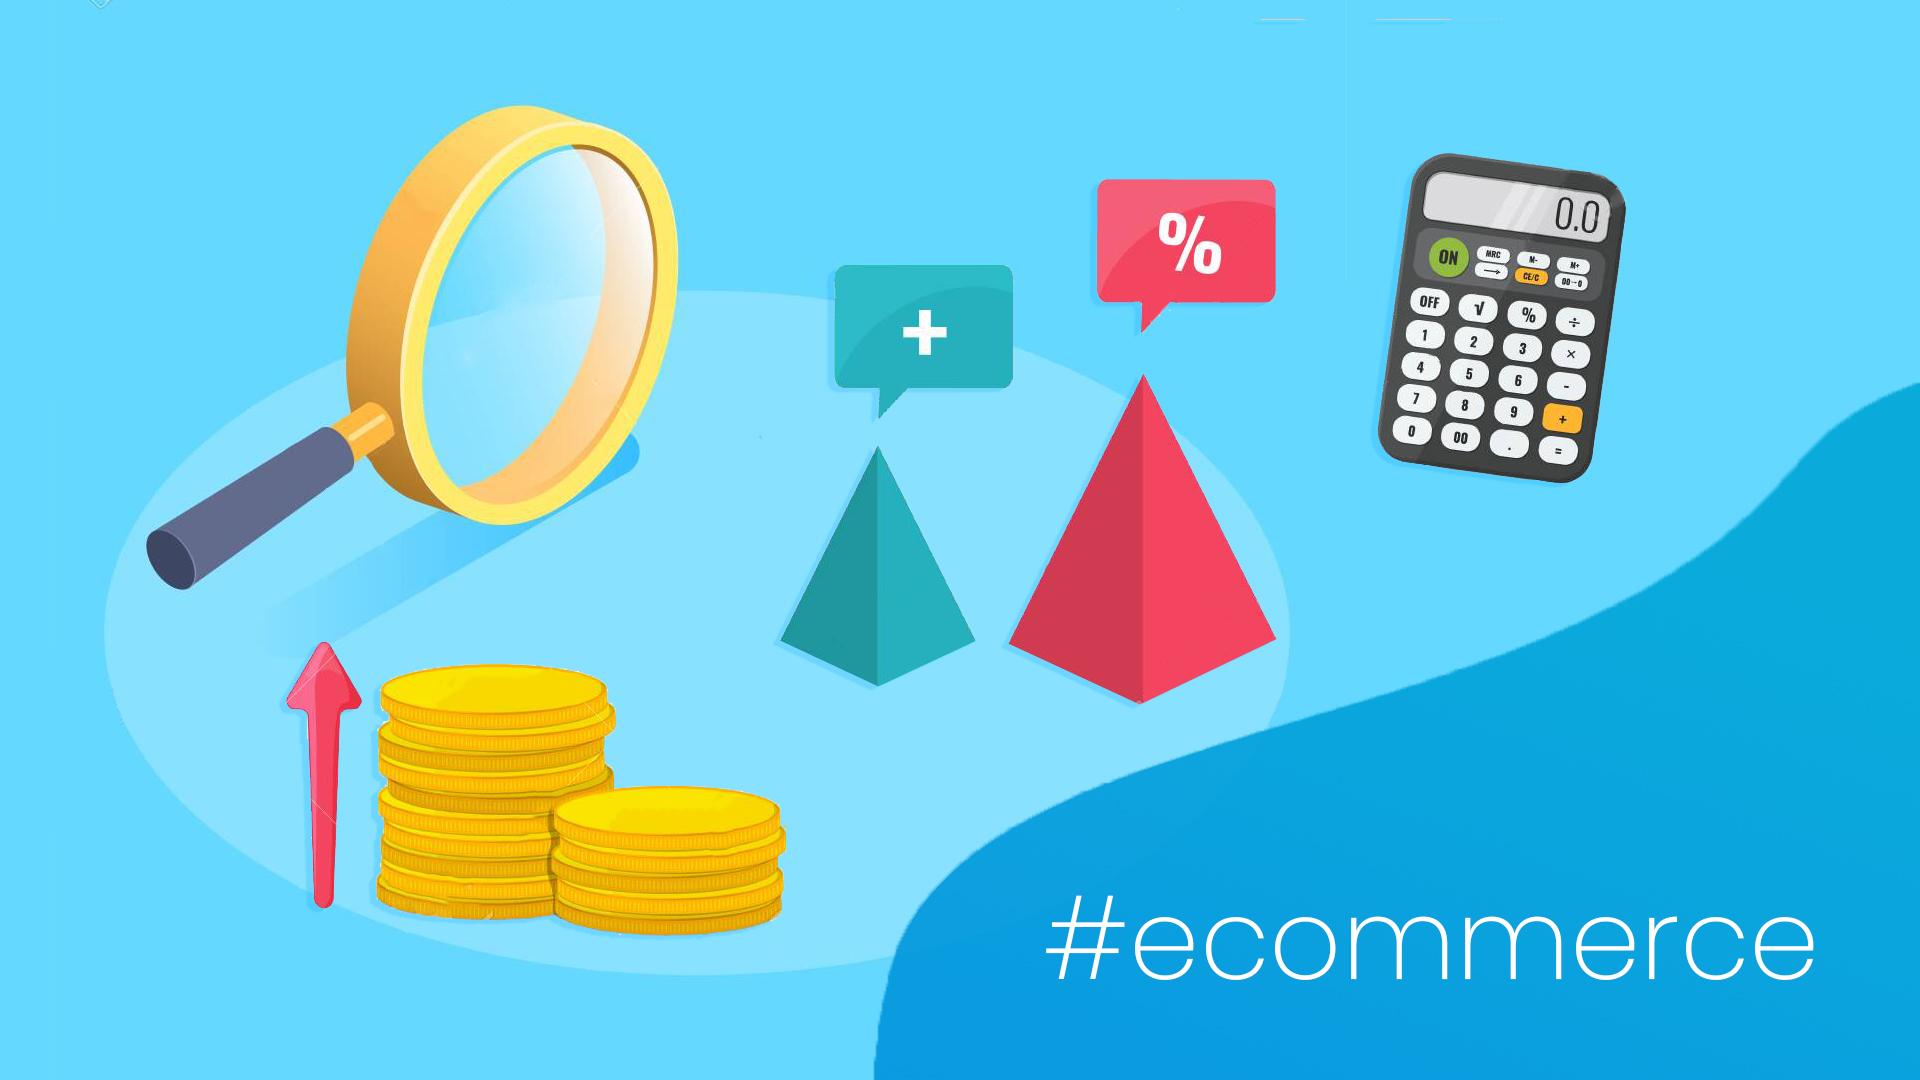 Porównanie cen to już norma. Jak korzystają z tego klienci? Jak reagują firmy?